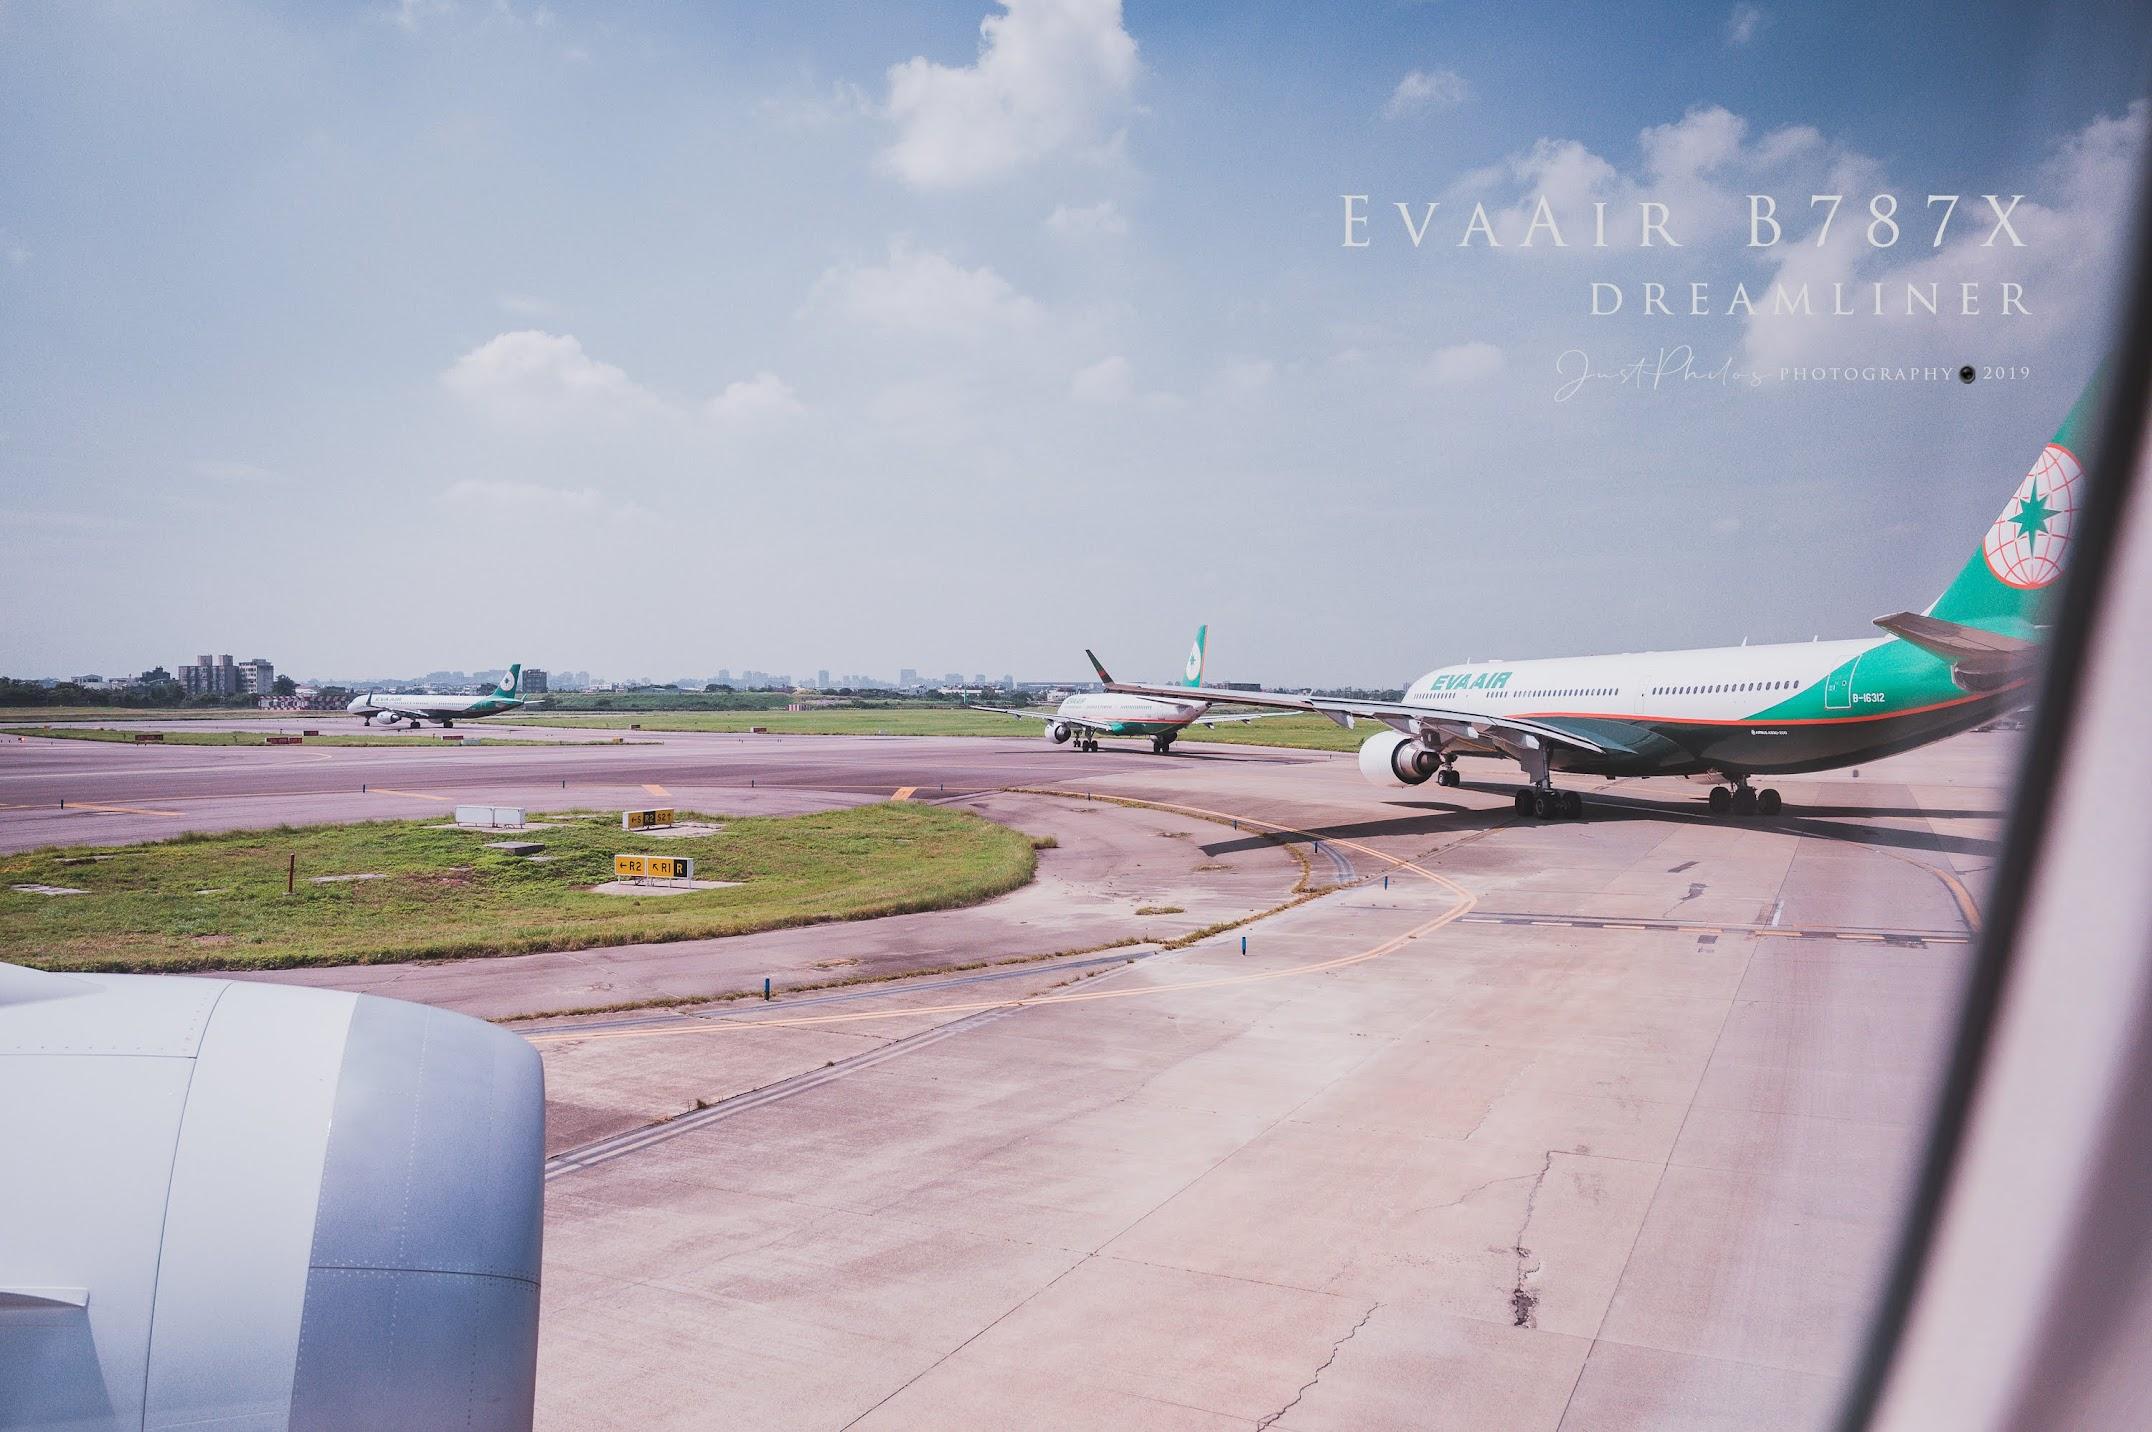 起飛前一刻還可以看到前面還有好幾架長榮的飛機等待起飛。